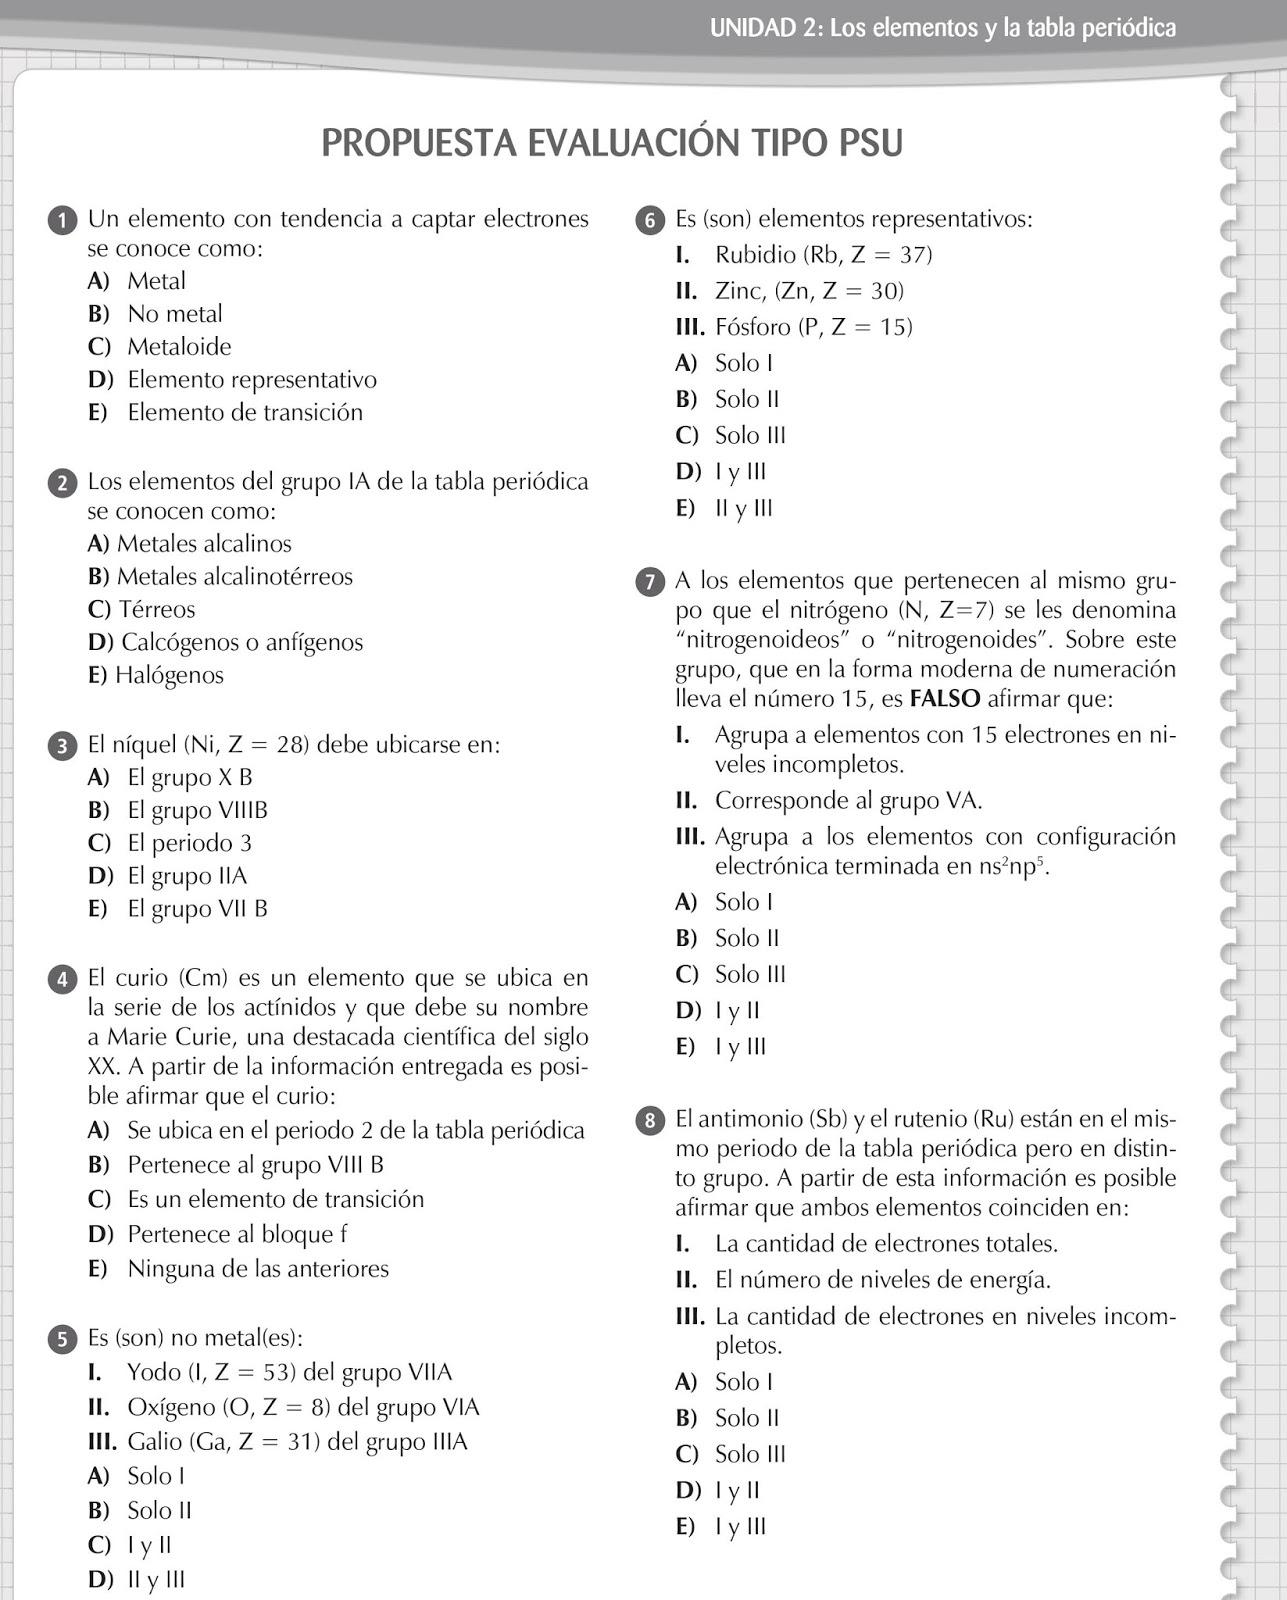 Qumica general i prof keiber marcano unidad 2 los elementos y blog elaborado por prof keiber marcano urtaz Image collections